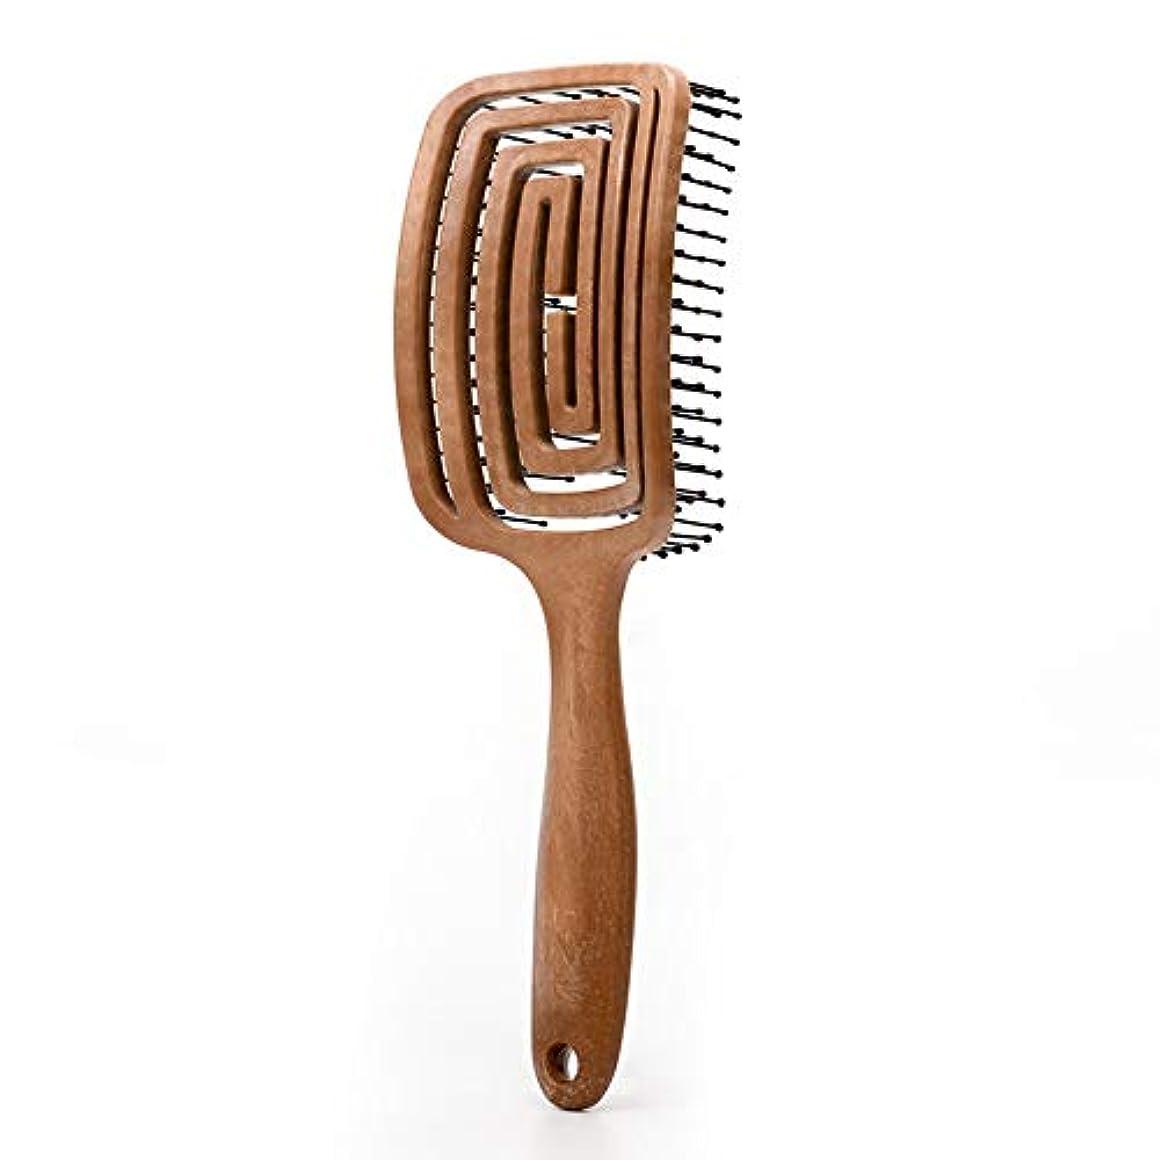 ハブブゴミ箱を空にする独立したTWOBEE 毛ブラシ木材櫛エアバッグエアクッションマッサージコーム背面板中空弾性櫛歯毛マッサージ櫛